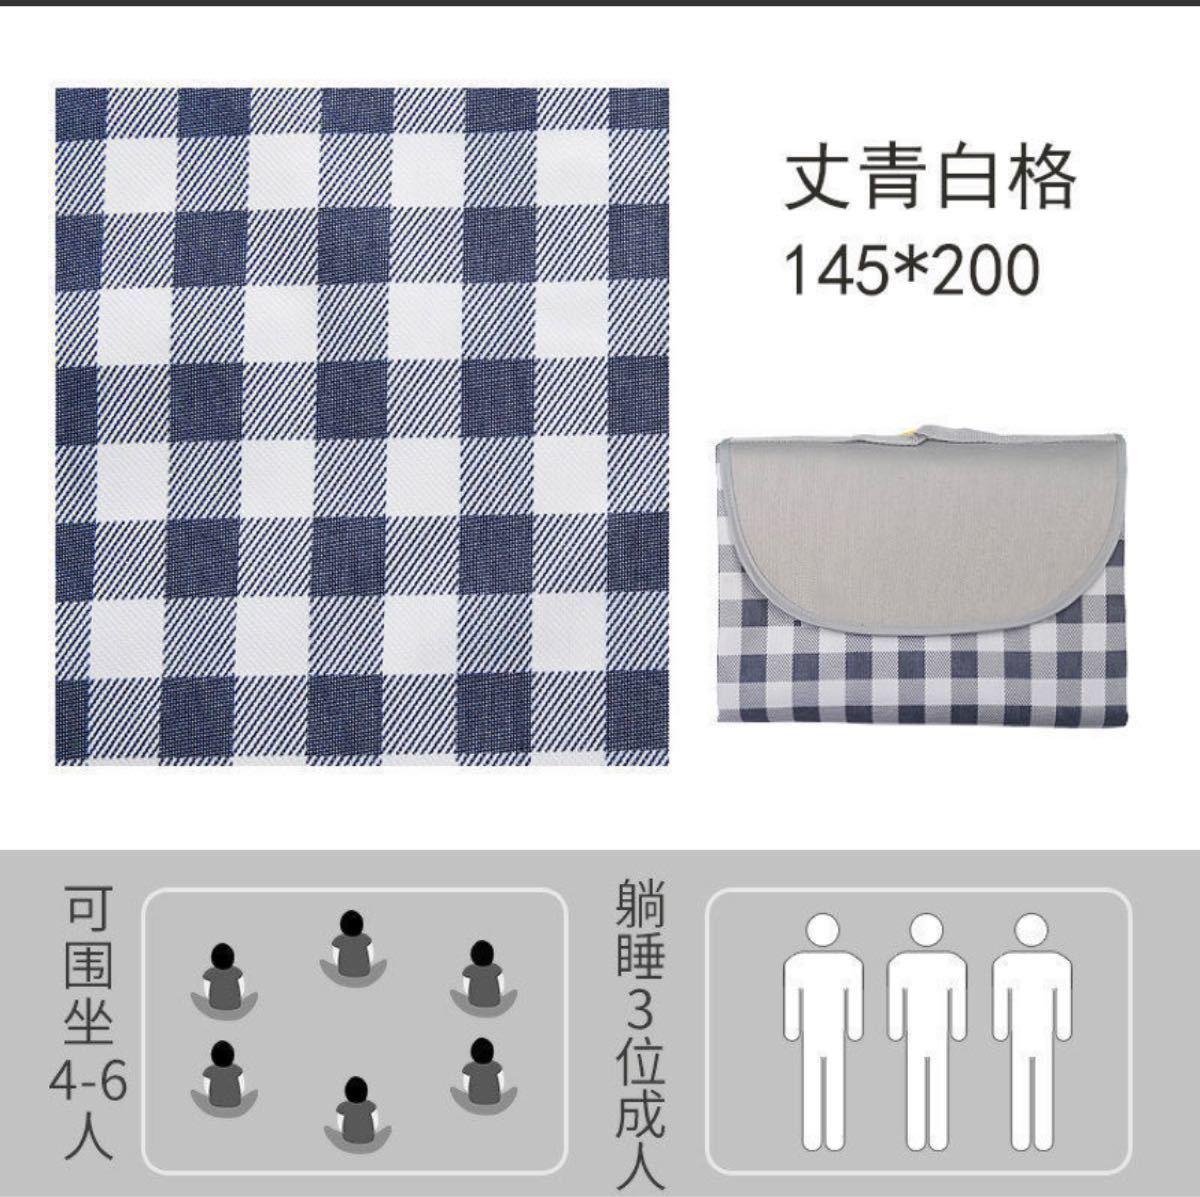 折りたたみ レジャーシート ピクニック 韓国 防水 撥水 コンパクト ブルー 青